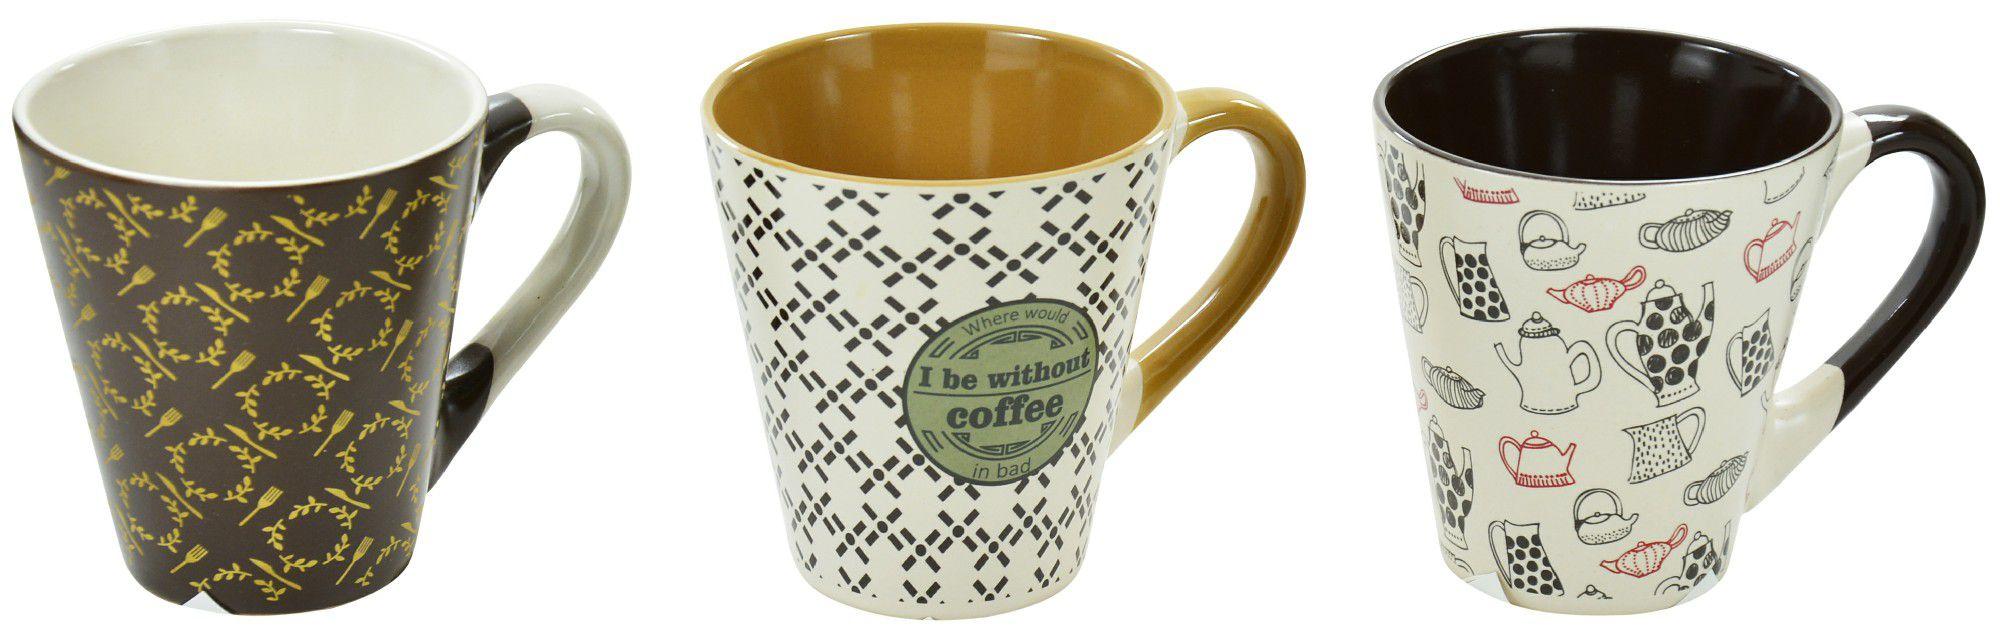 Caneca de cerâmica 200ml Coffee Wincy